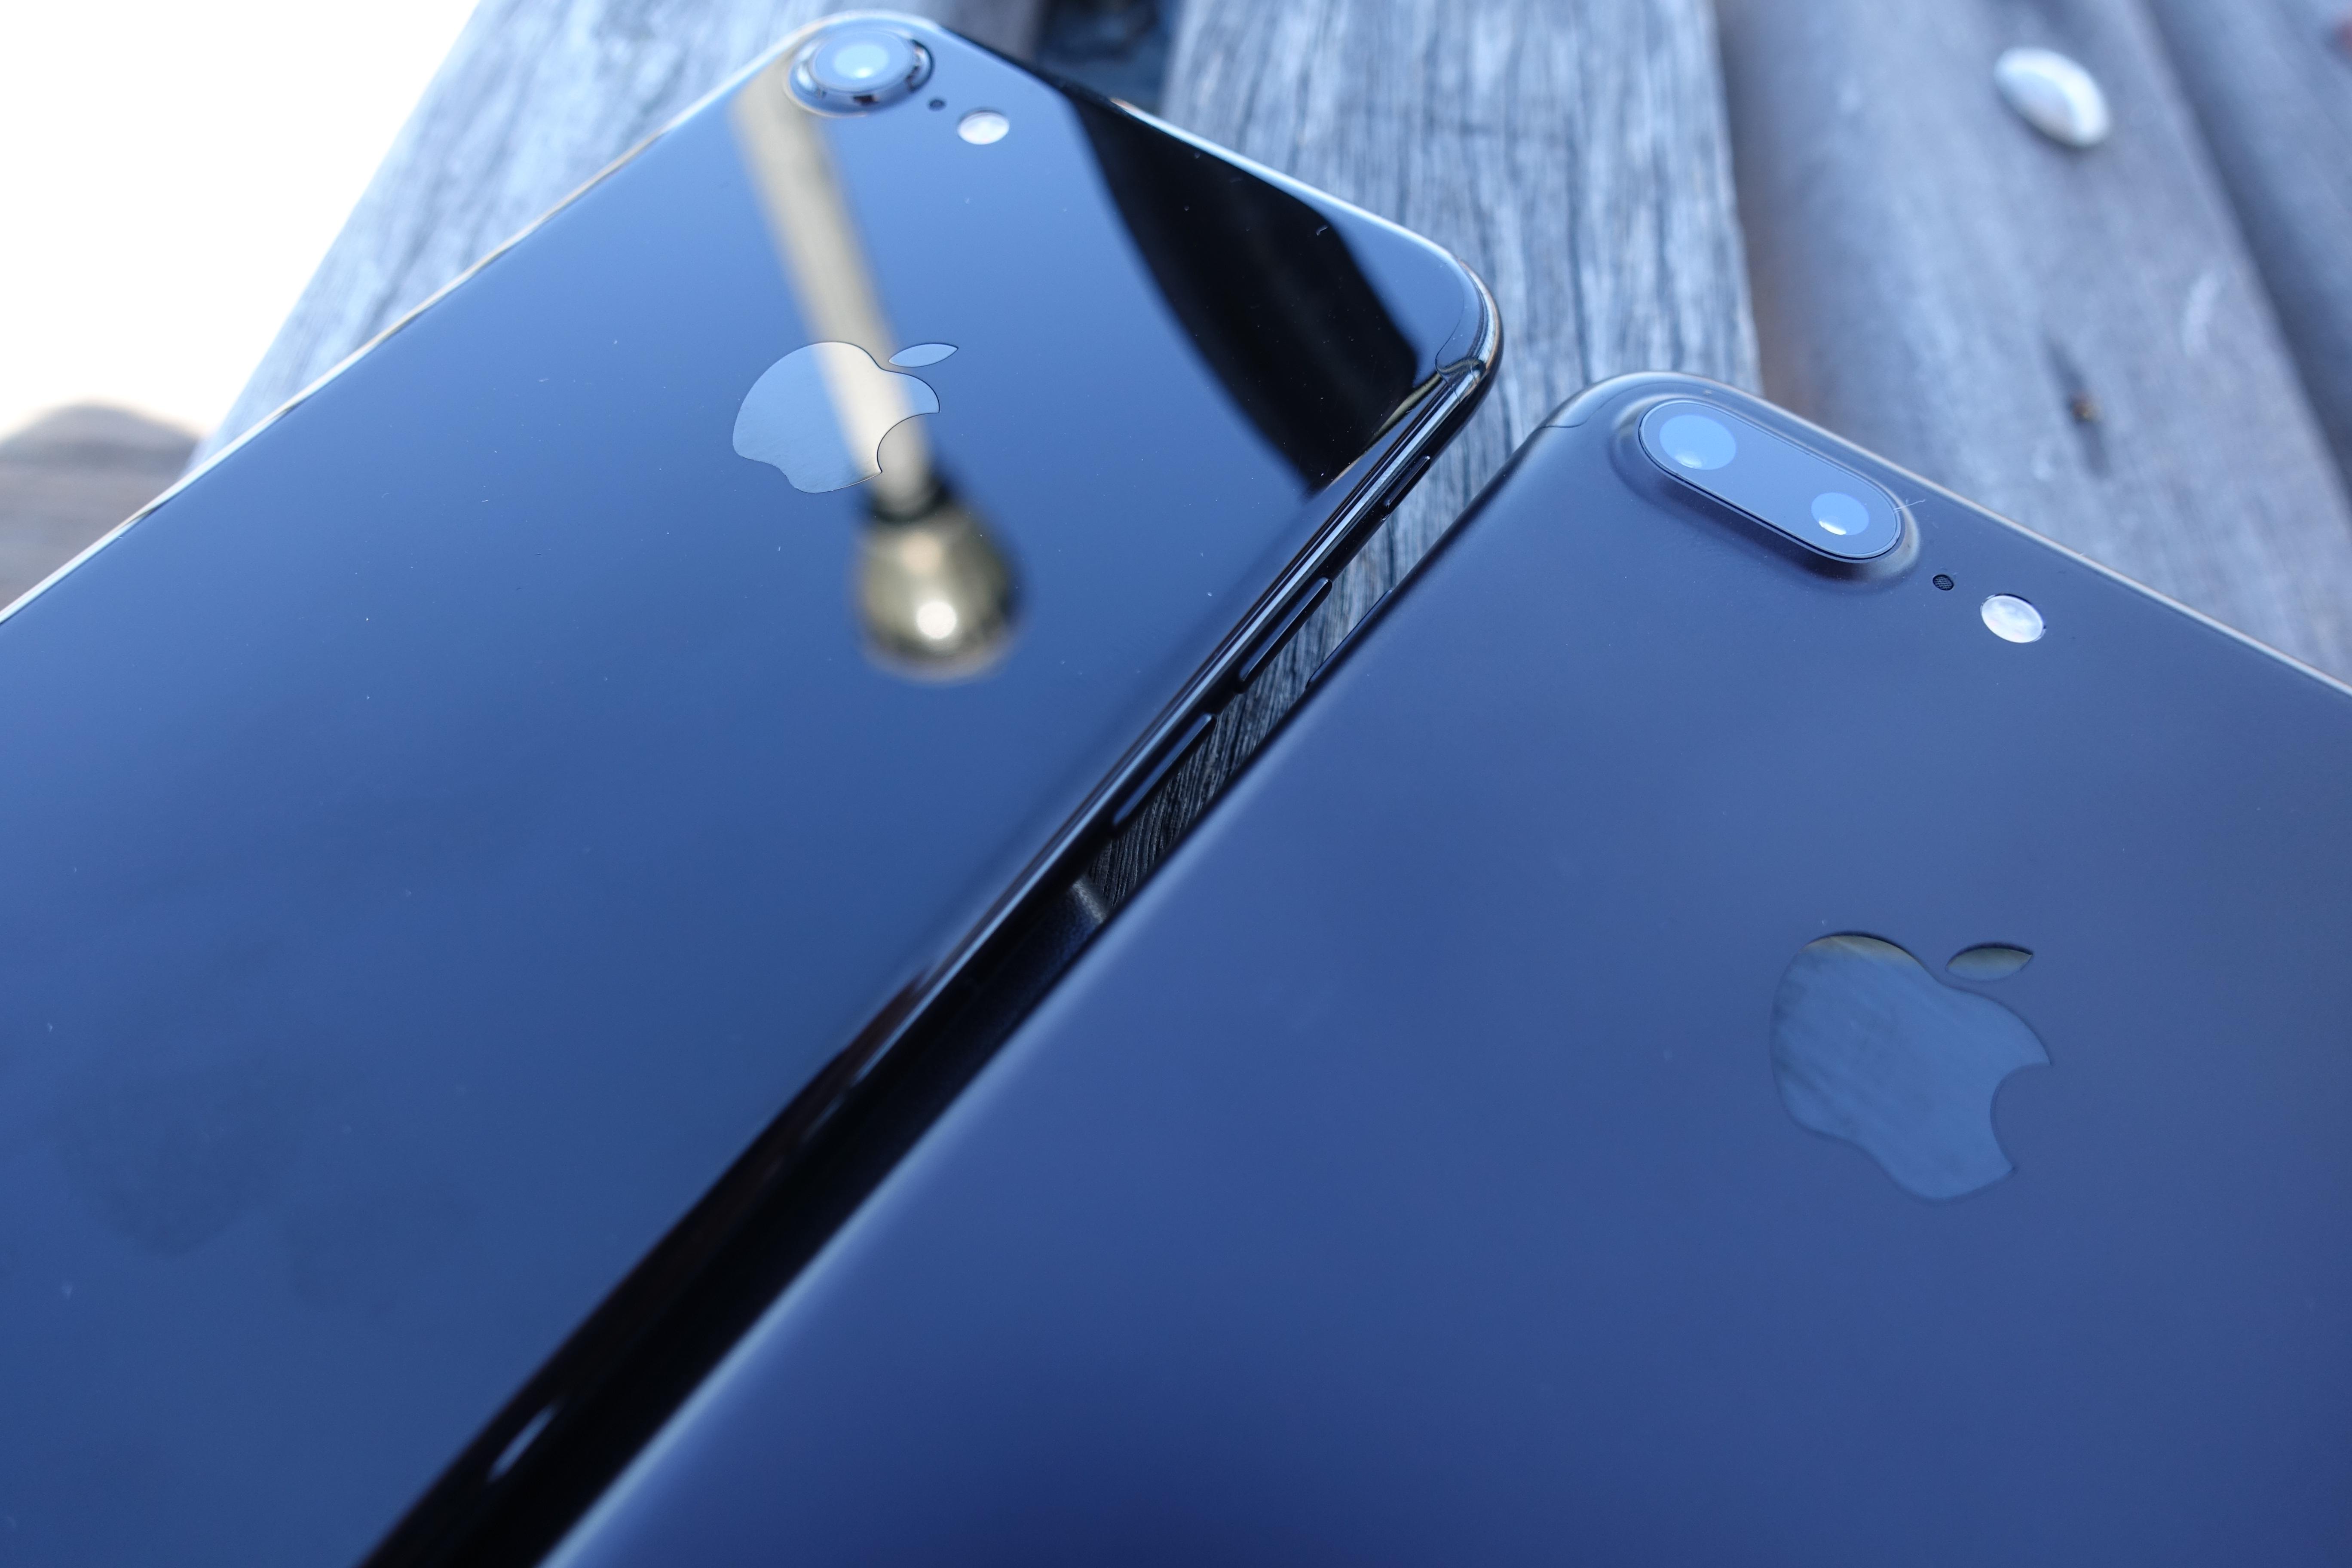 iPhone 7 Jet Black (til venstre) og iPhone 7 Plus svart er svært gode mobiltelefoner.